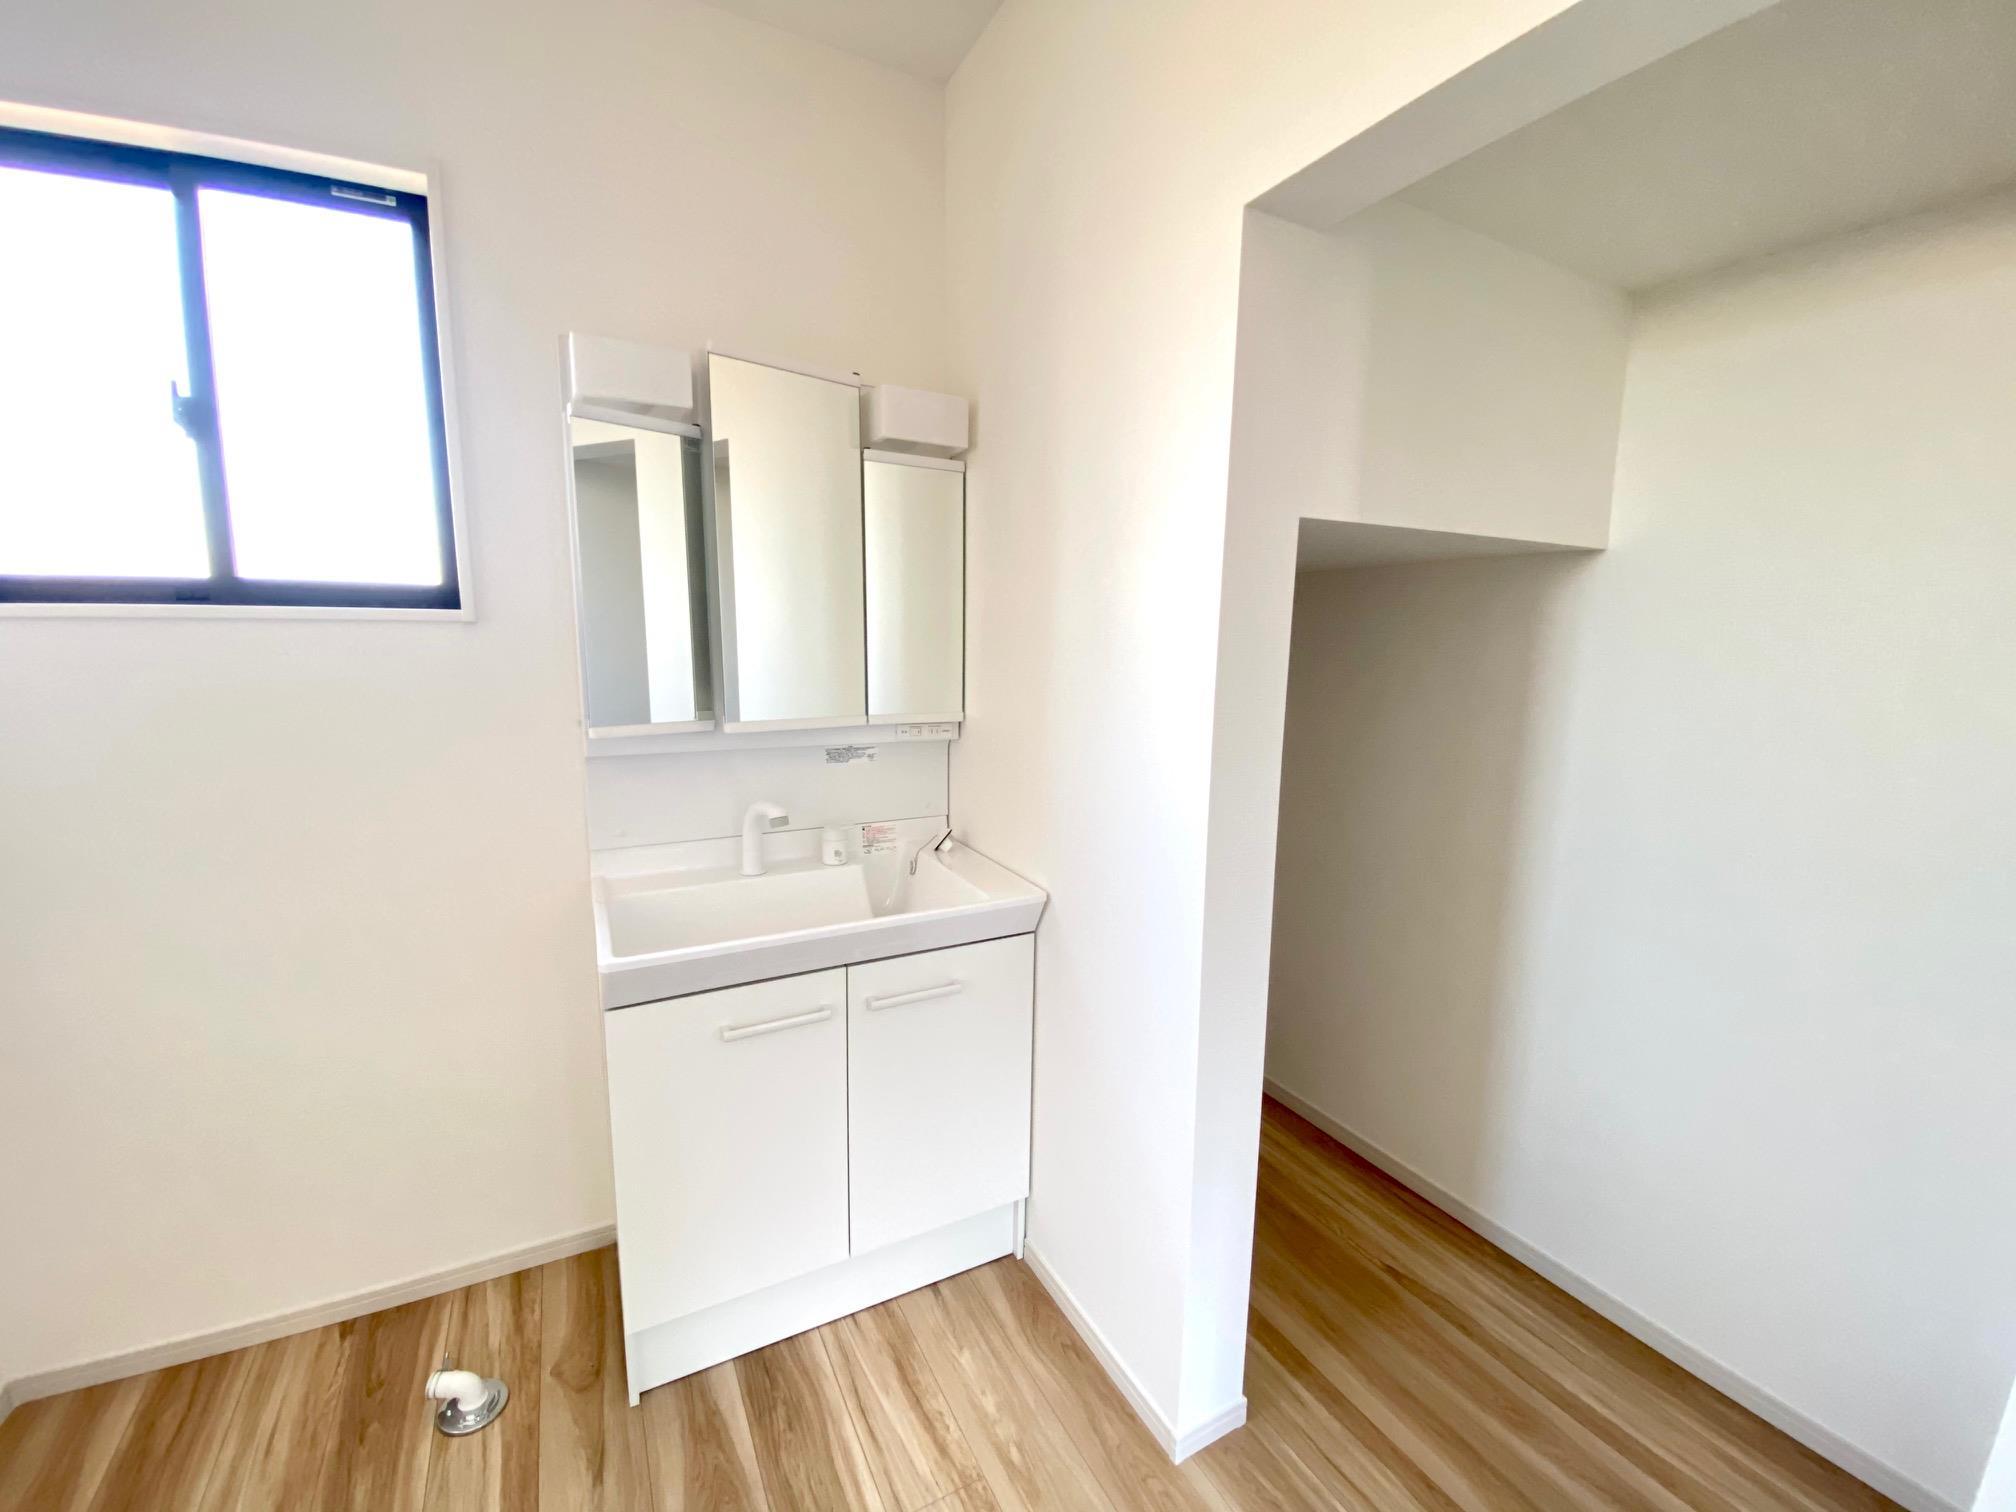 洗面台・洗面所*2号棟 洗面スペース|リネンスペース付きなのでカラーボックスを置いて、タオルや着替えを収納できます♪/(2021年1月)撮影